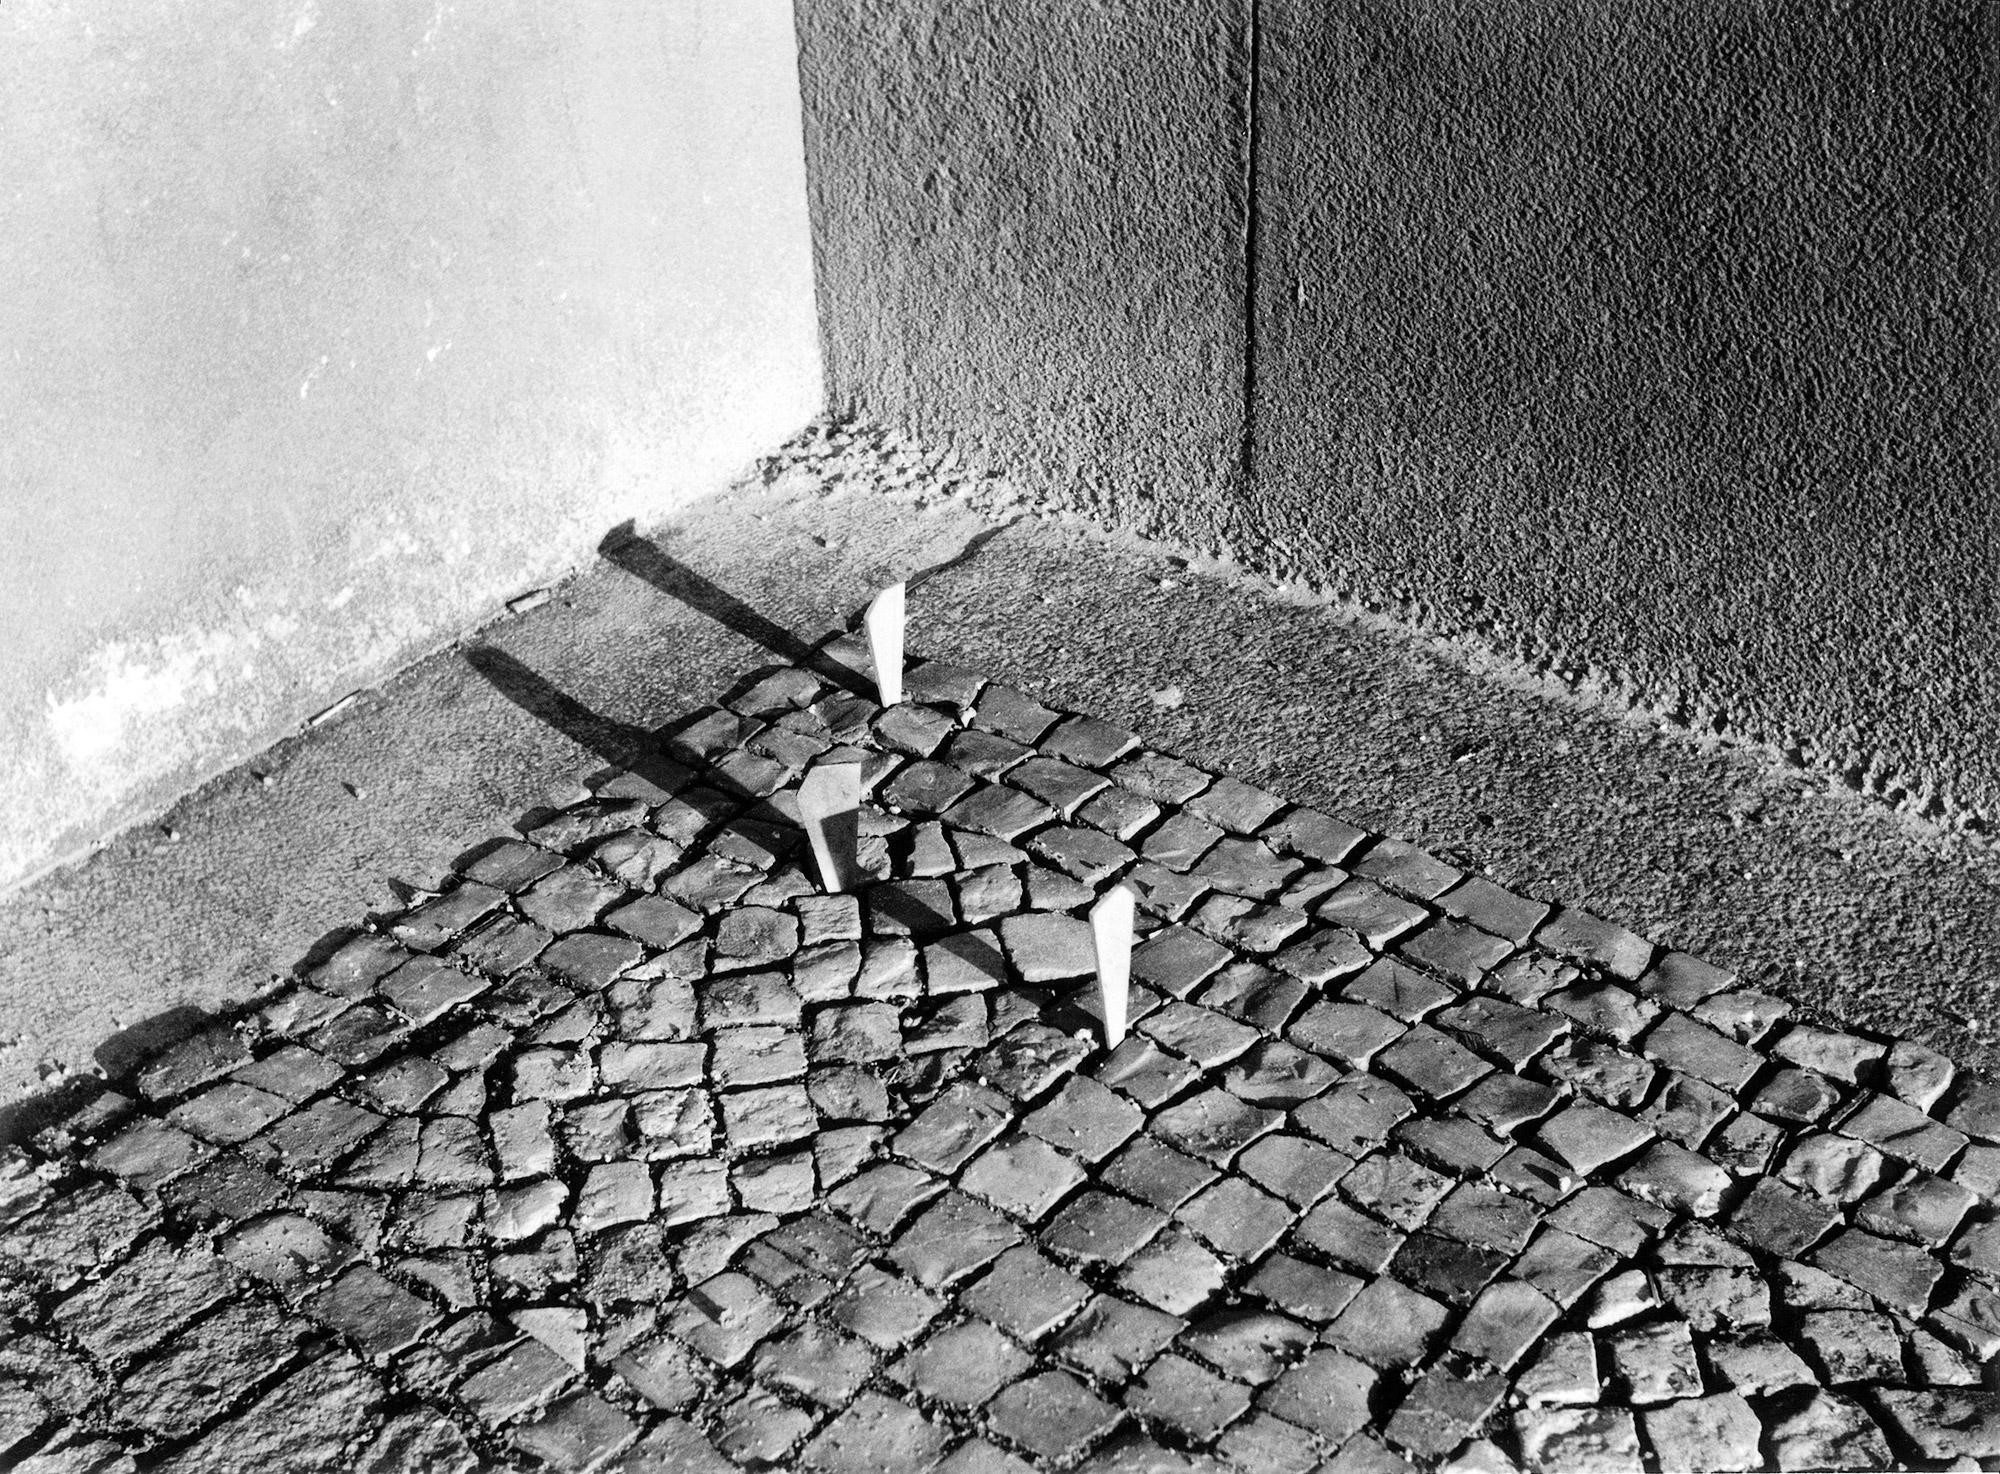 Jiří Kovanda, Kliny w bruku, Praga, 1980 r. (źródło: materiały prasowe)